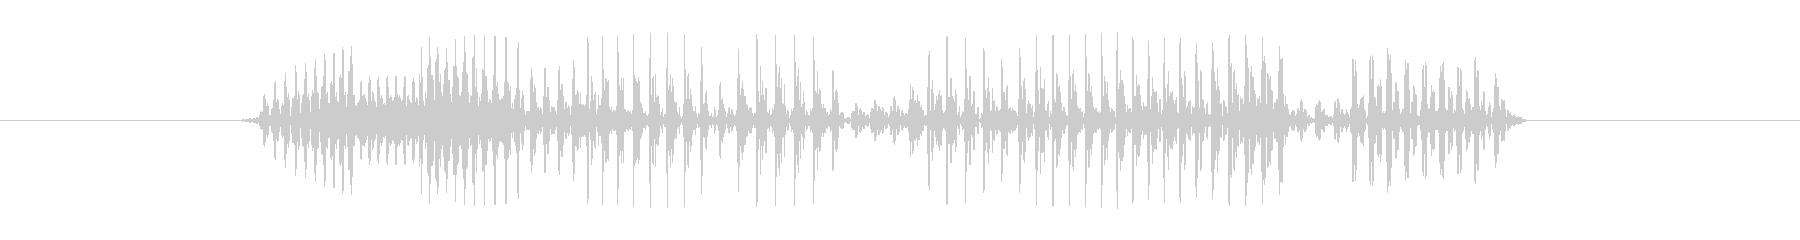 今なら貰える 低音の未再生の波形